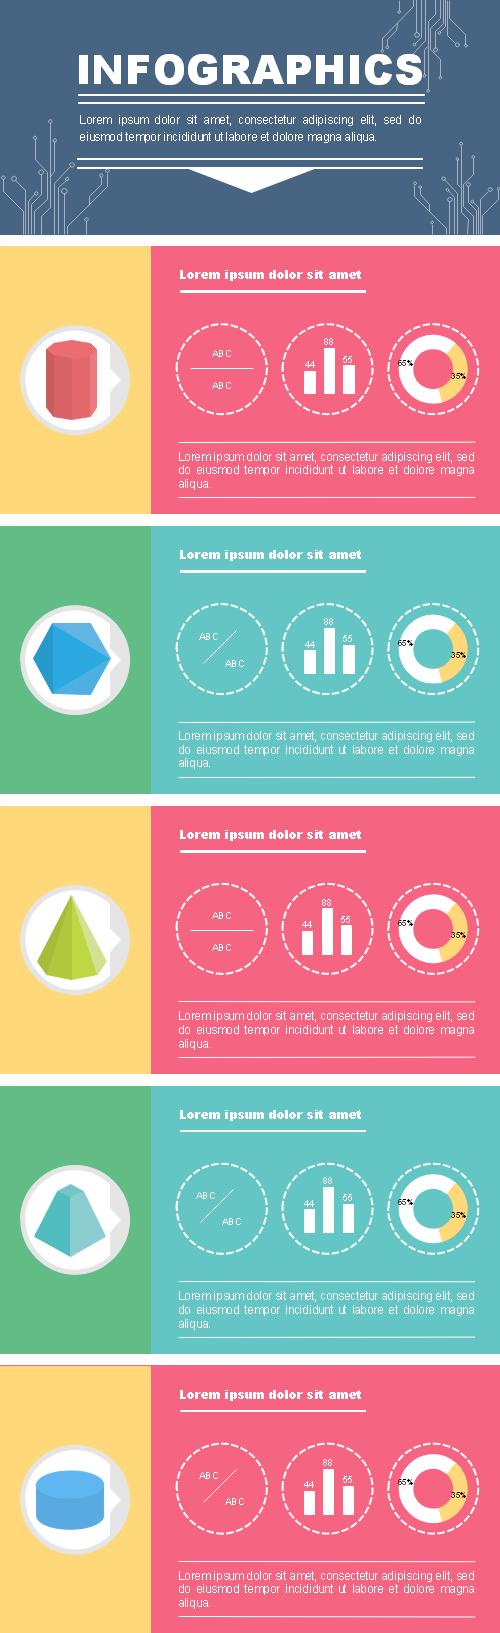 Modèle d'infographie vierge - géométrie 3D